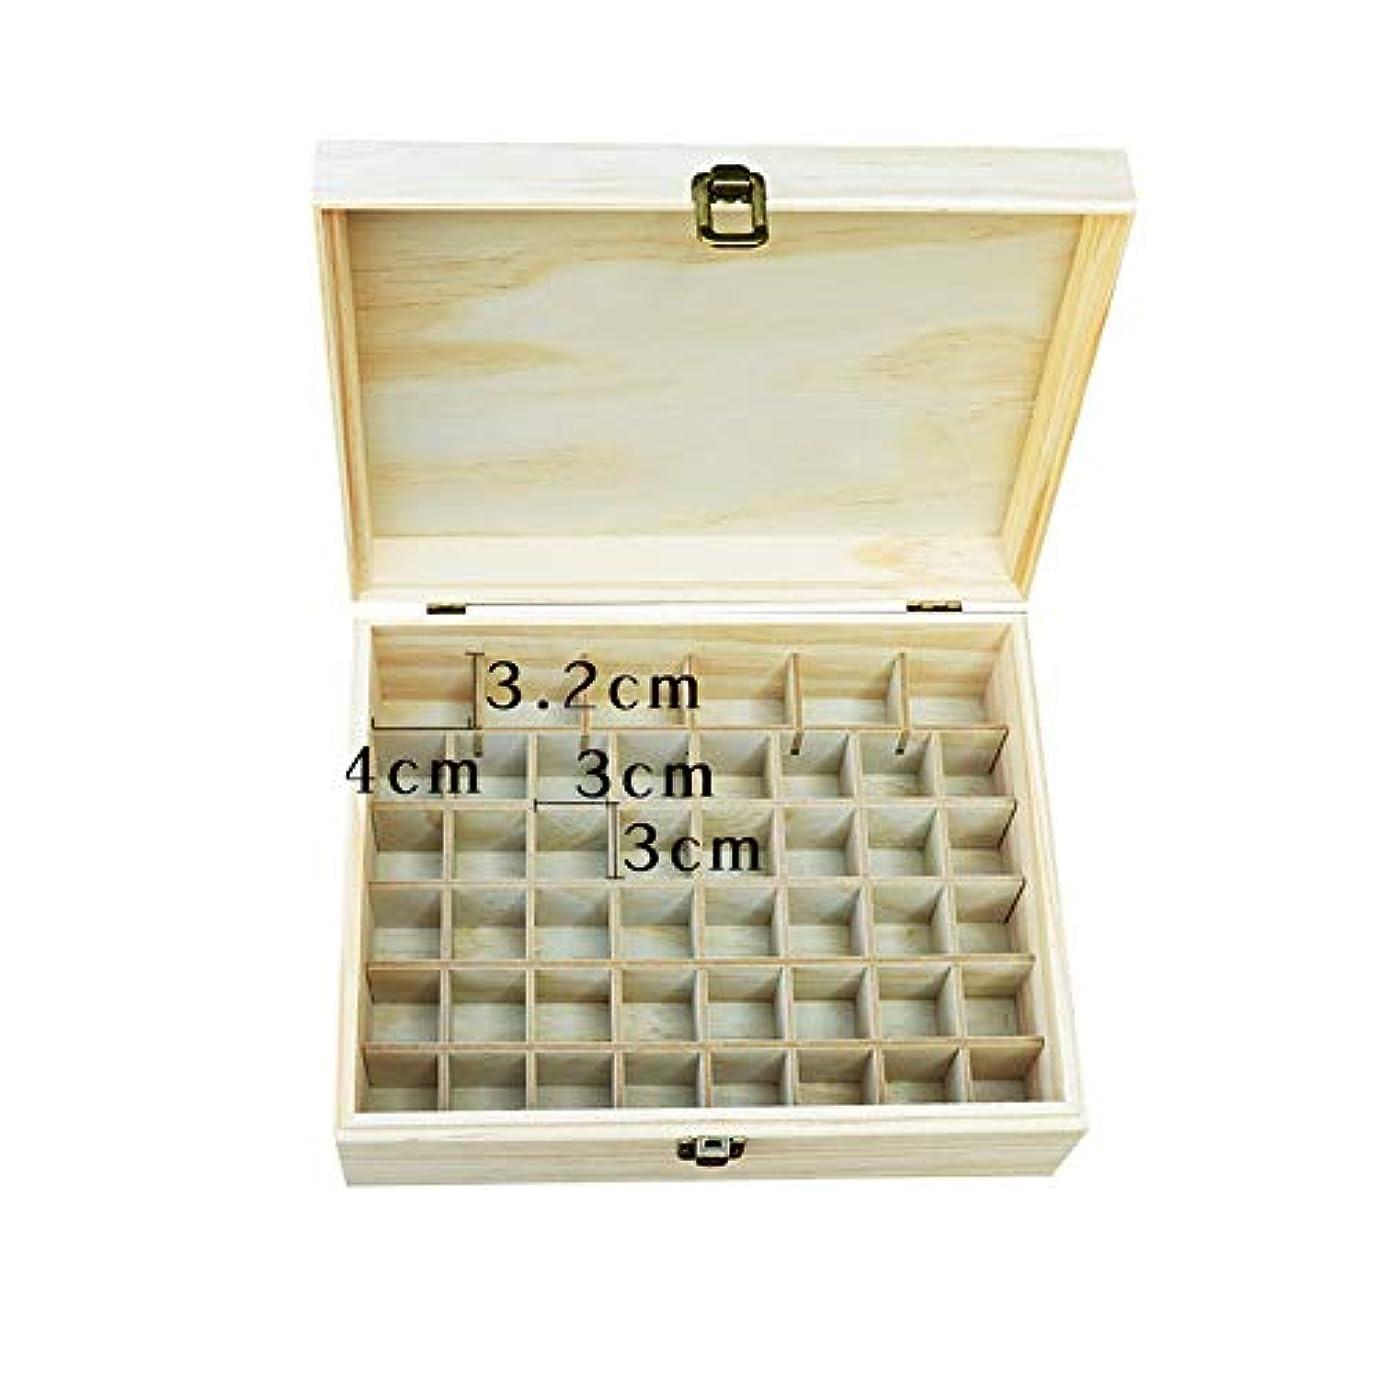 進捗用心深いマニフェストエッセンシャルオイルの保管 大46ボトル木製のエッセンシャルオイルの収納ボックス (色 : Natural, サイズ : 22.2X10.2X8.2CM)